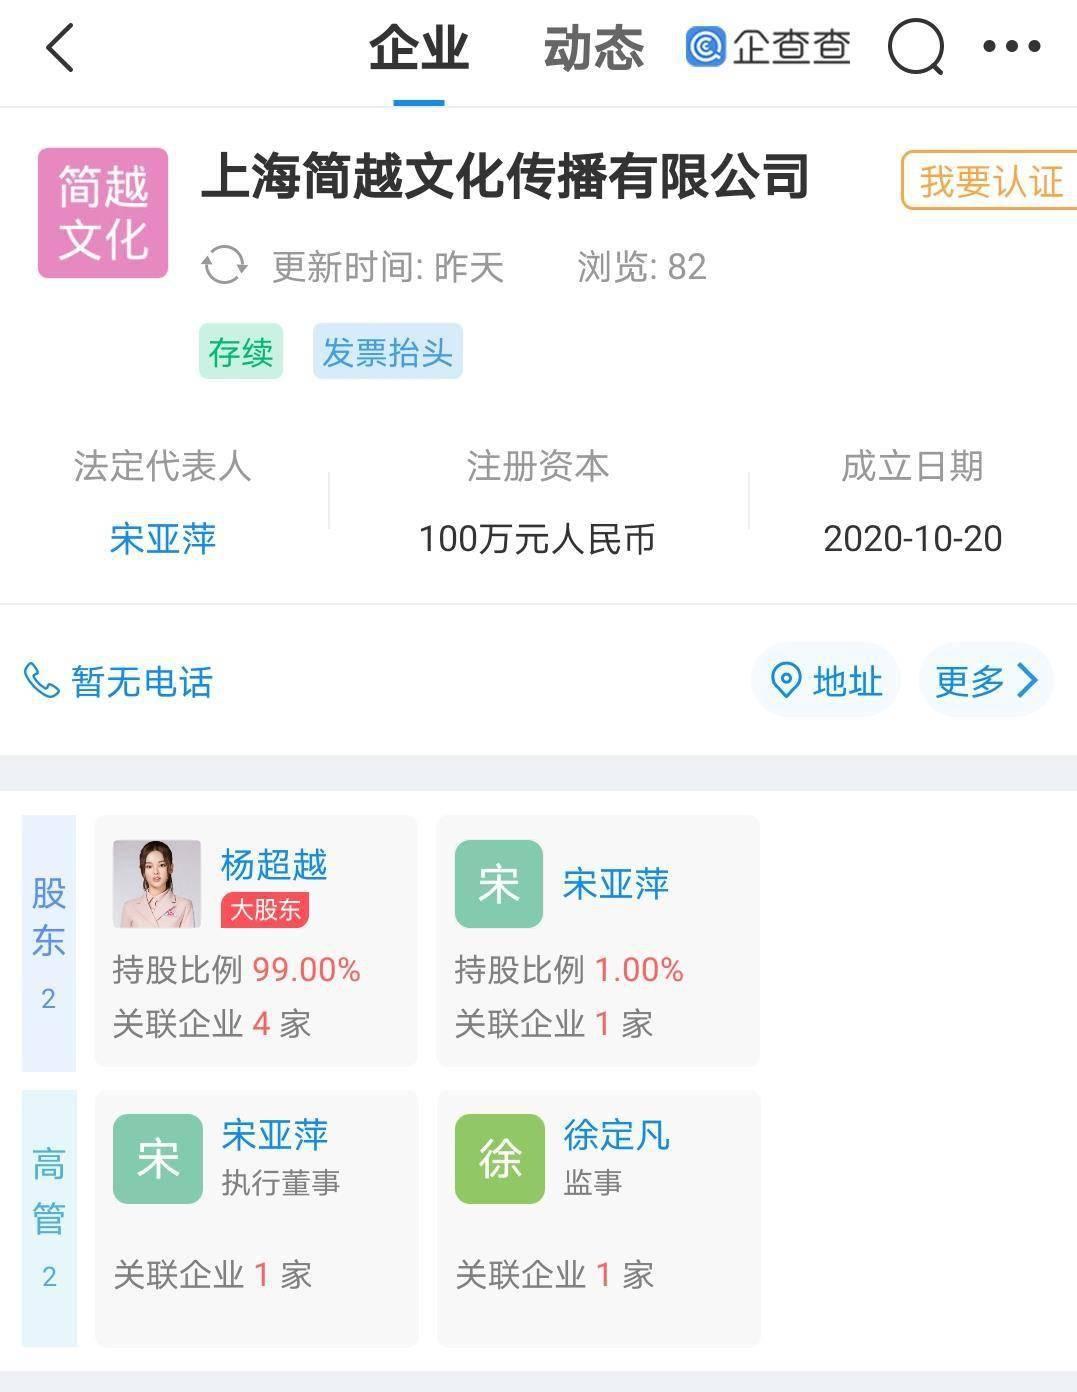 杨超越成立新公司 将入驻临港文化联盟